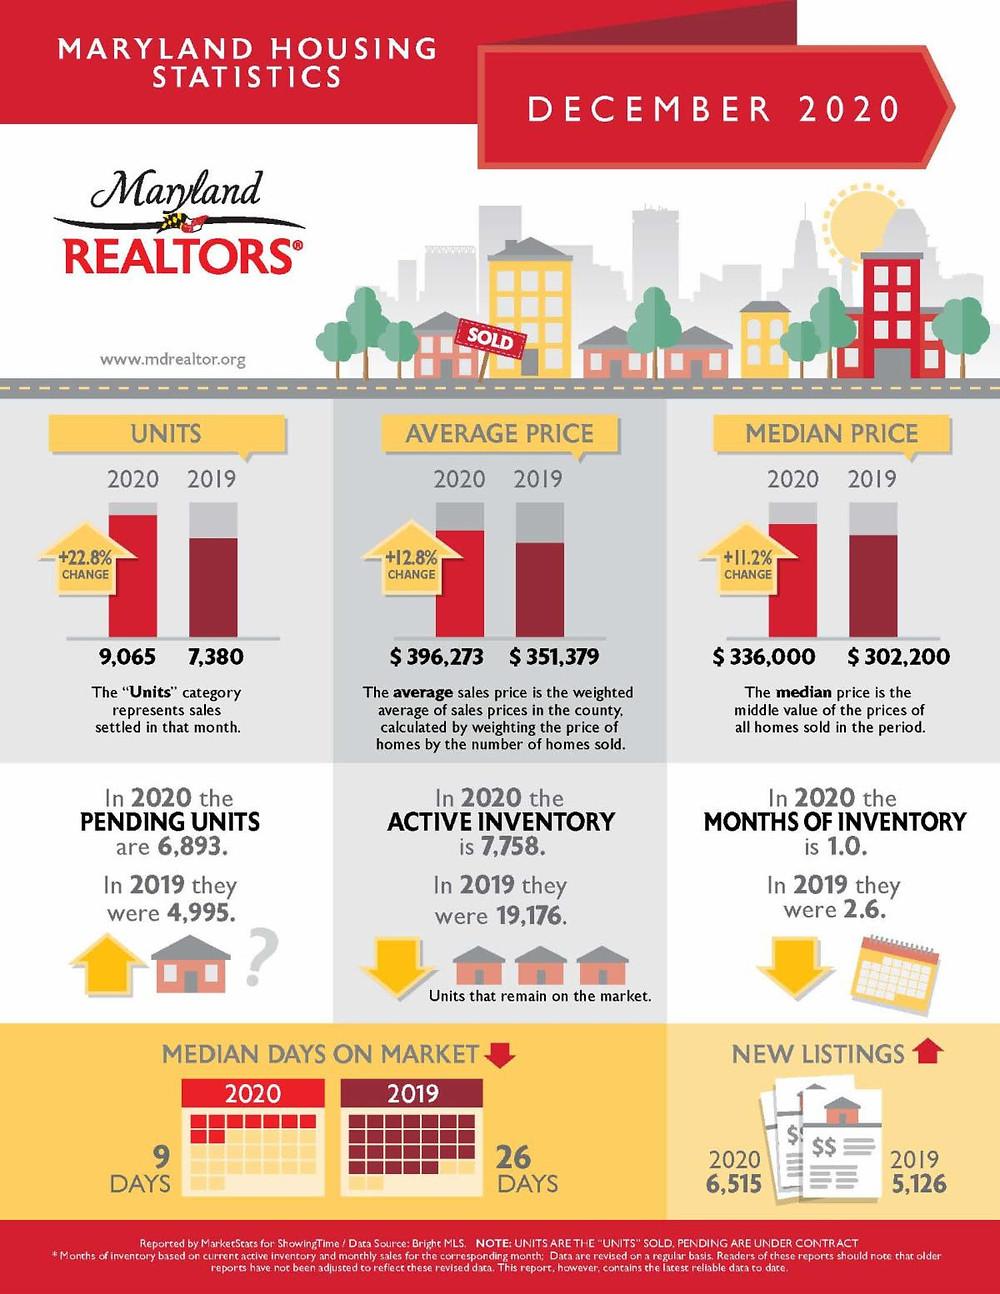 maryland housing statistics realtors realtor december 2019 2020